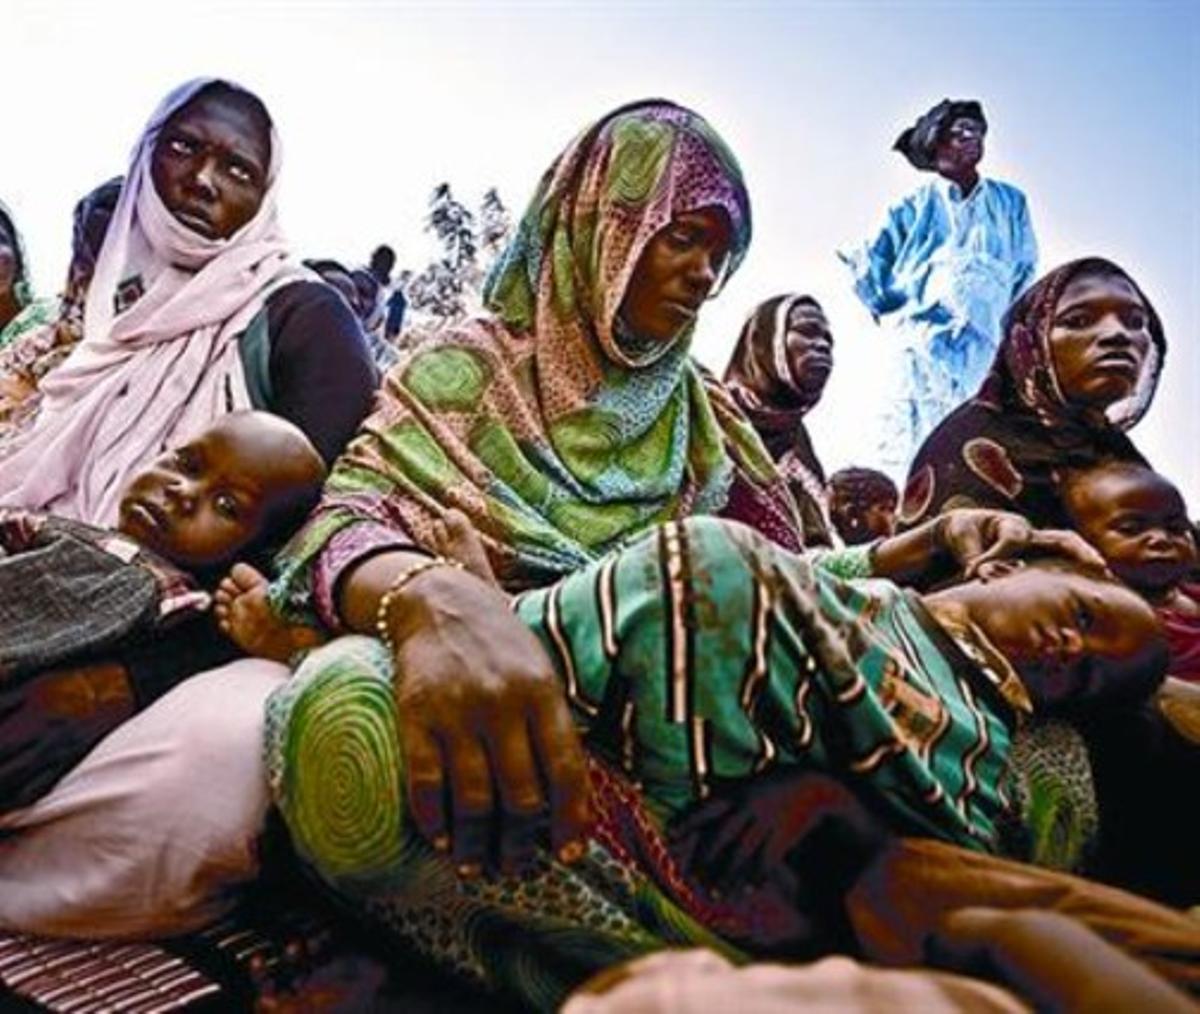 La comunidad de Natriguel, en Mauritania, en riesgo de sufrir inseguridad alimentaria.